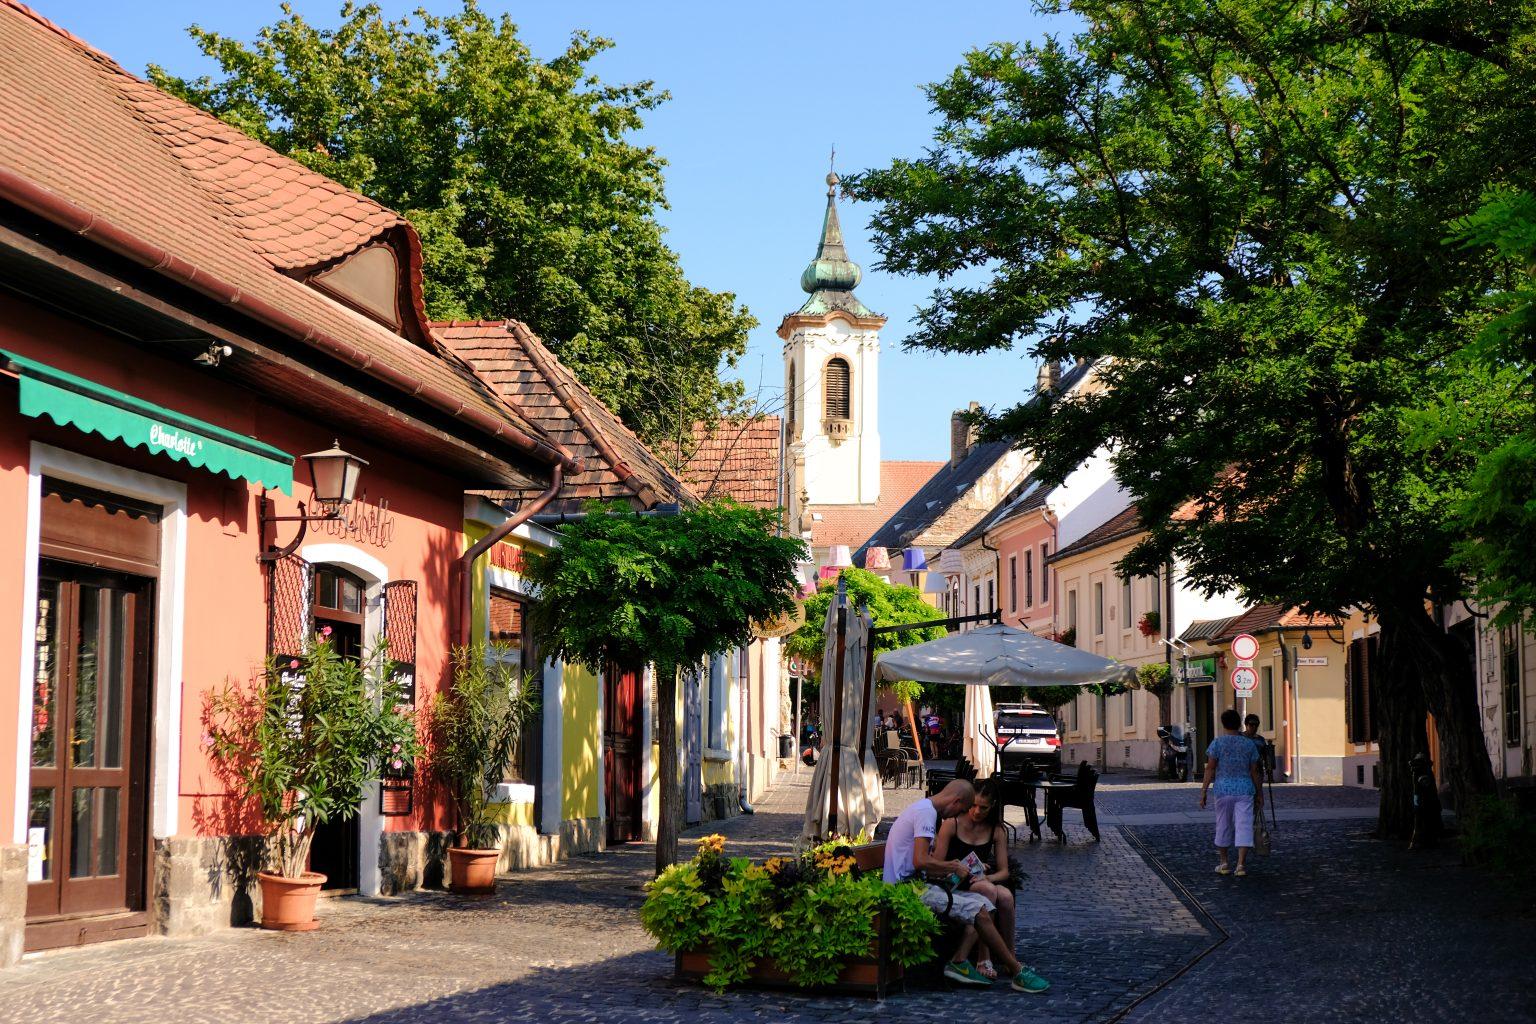 Sentendre, Hungary